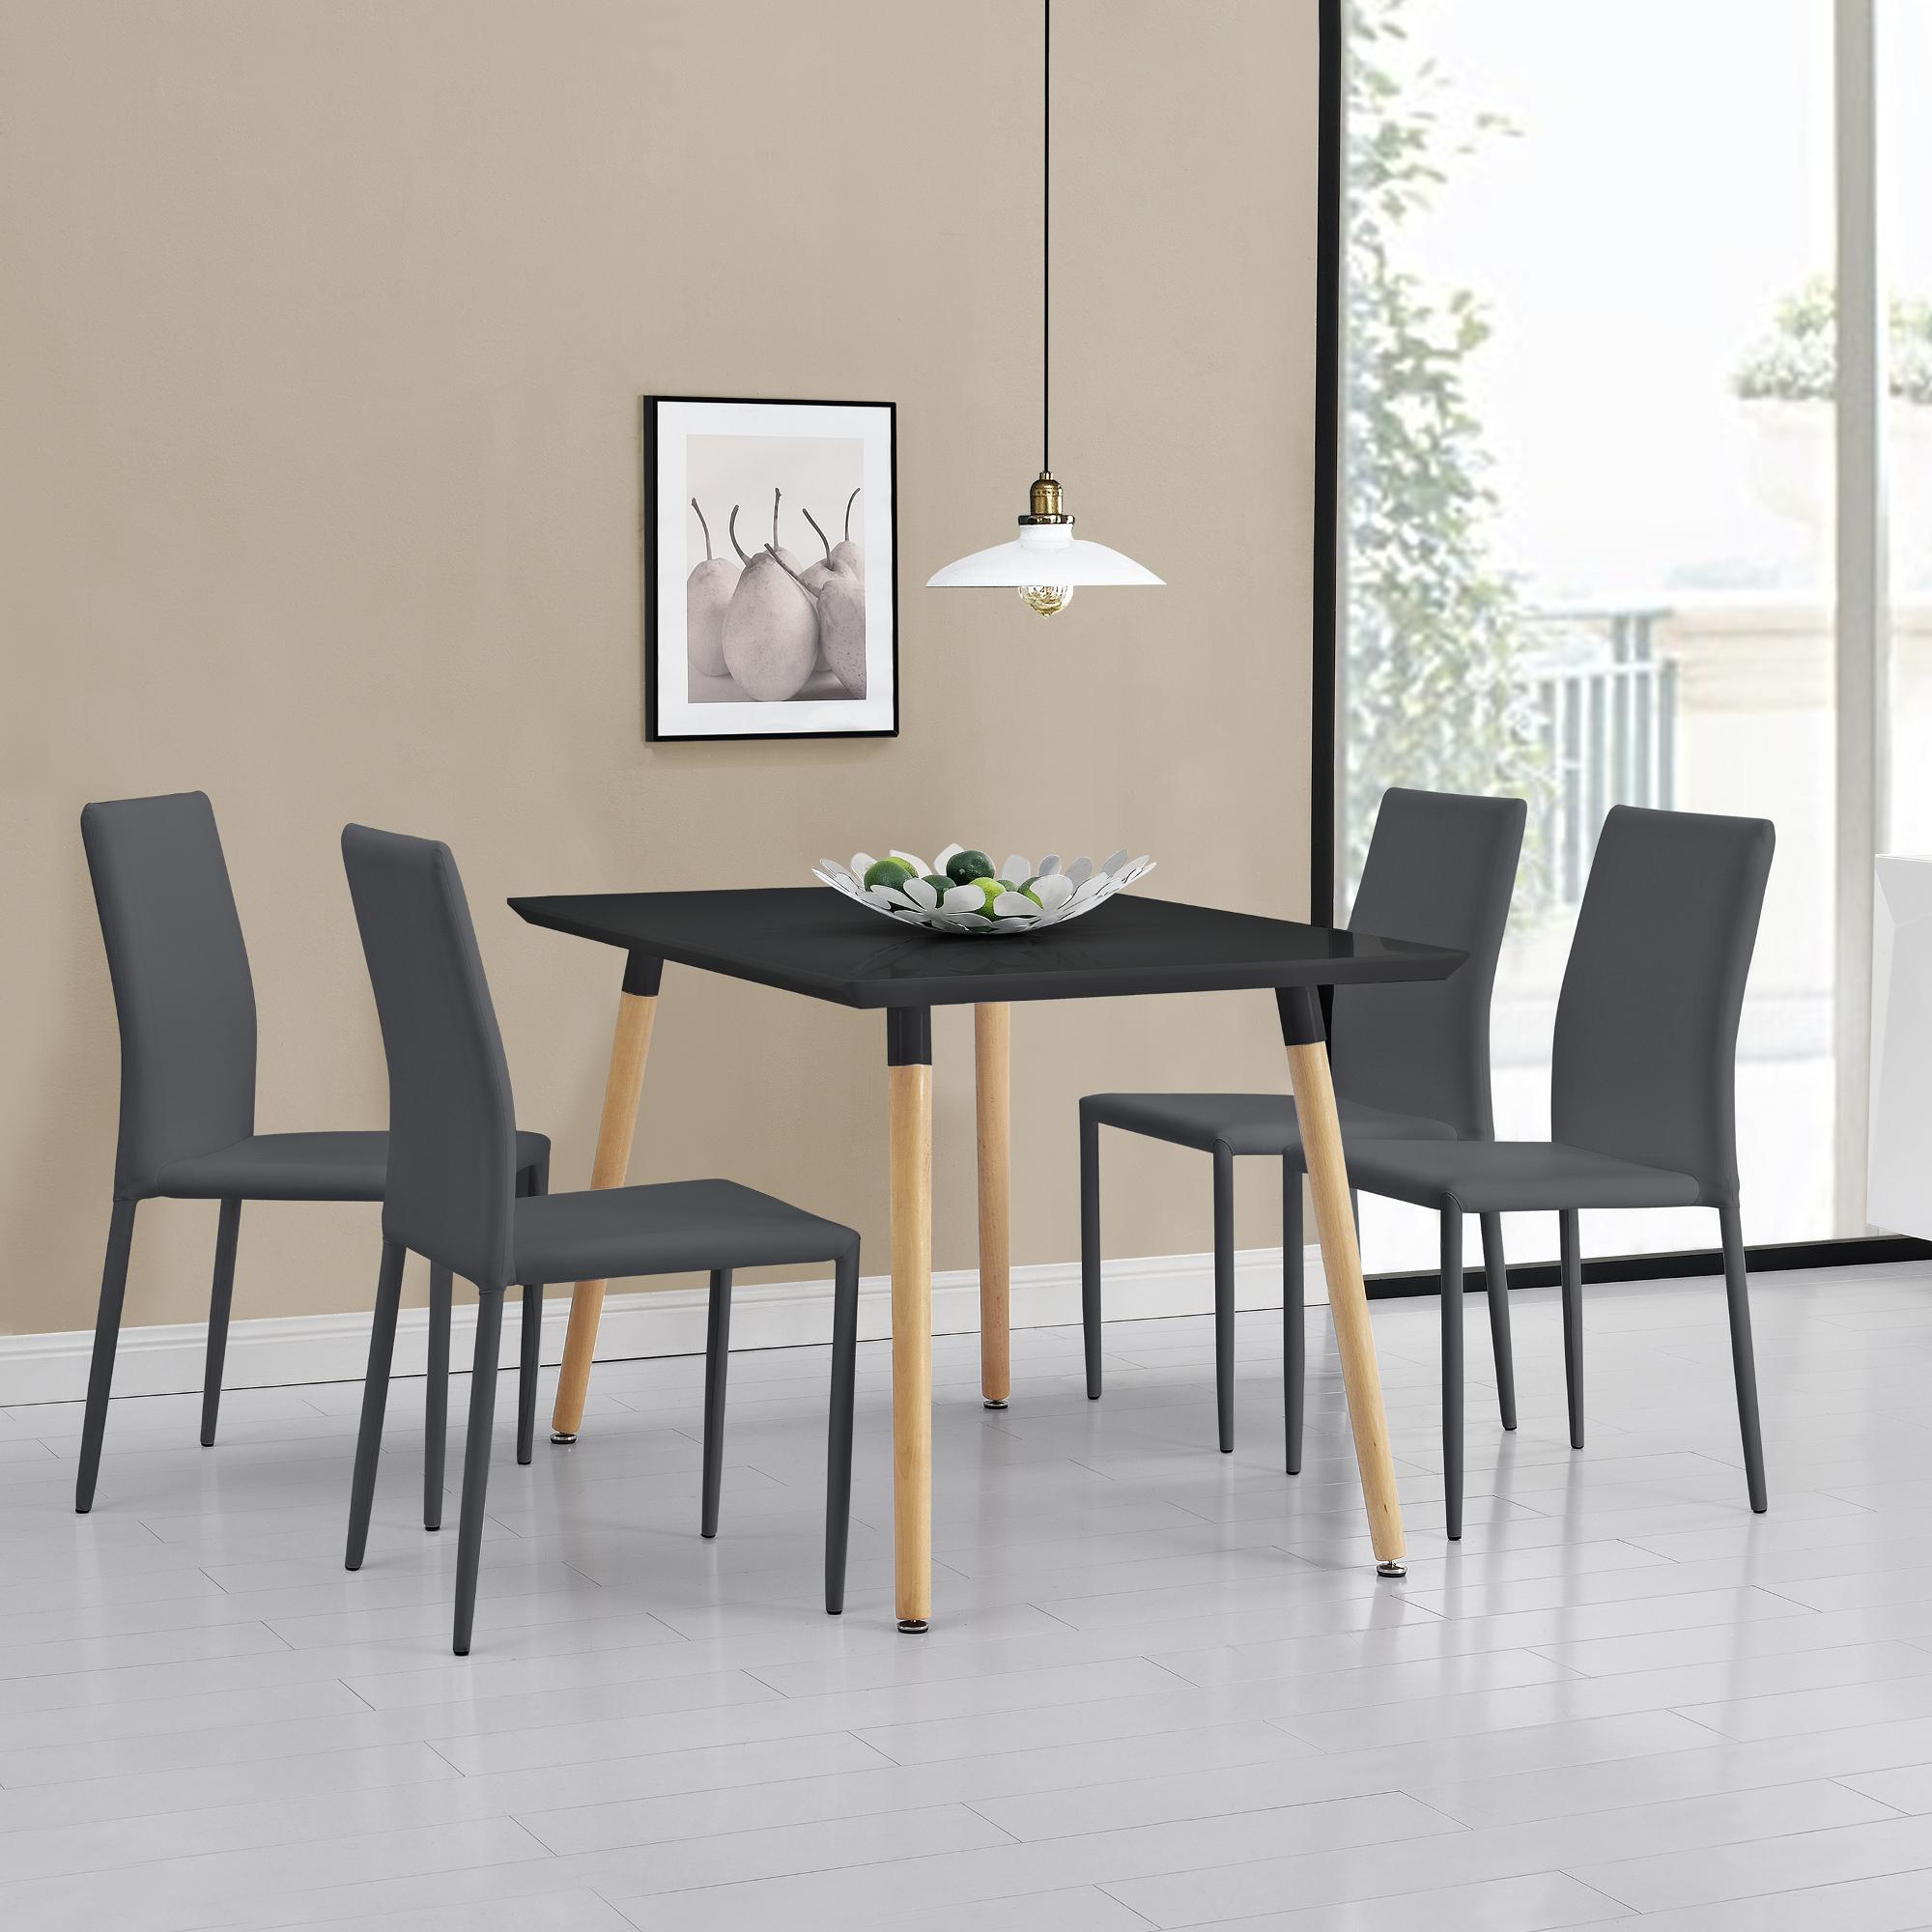 Esstisch mit 4 Stühlen schwarz/grau 120x70 Küchentisch ...